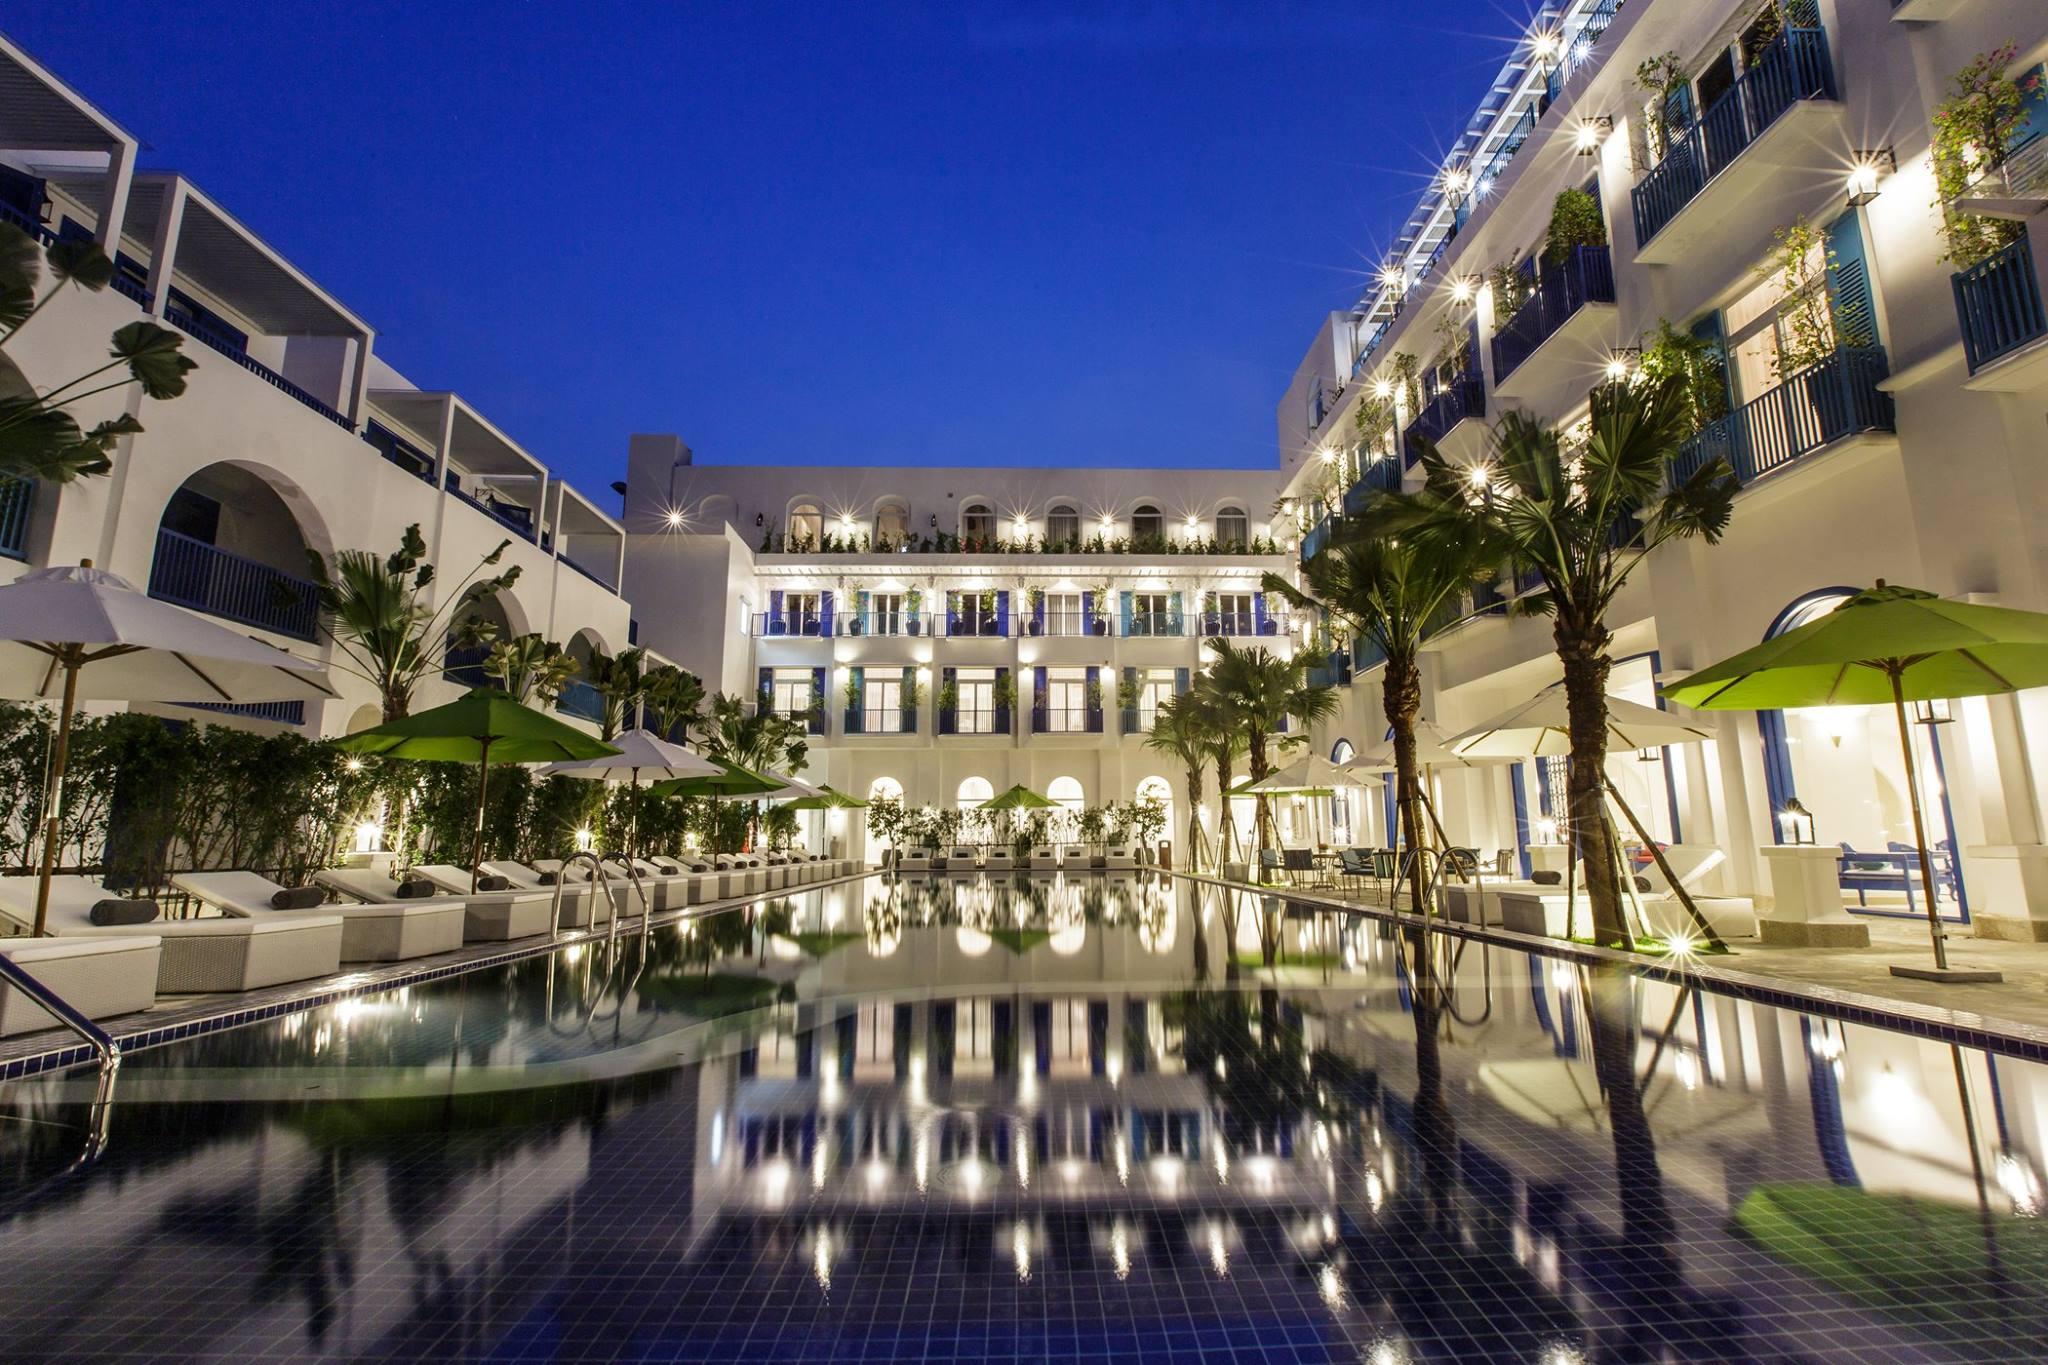 Risemount Premier Resort Danang